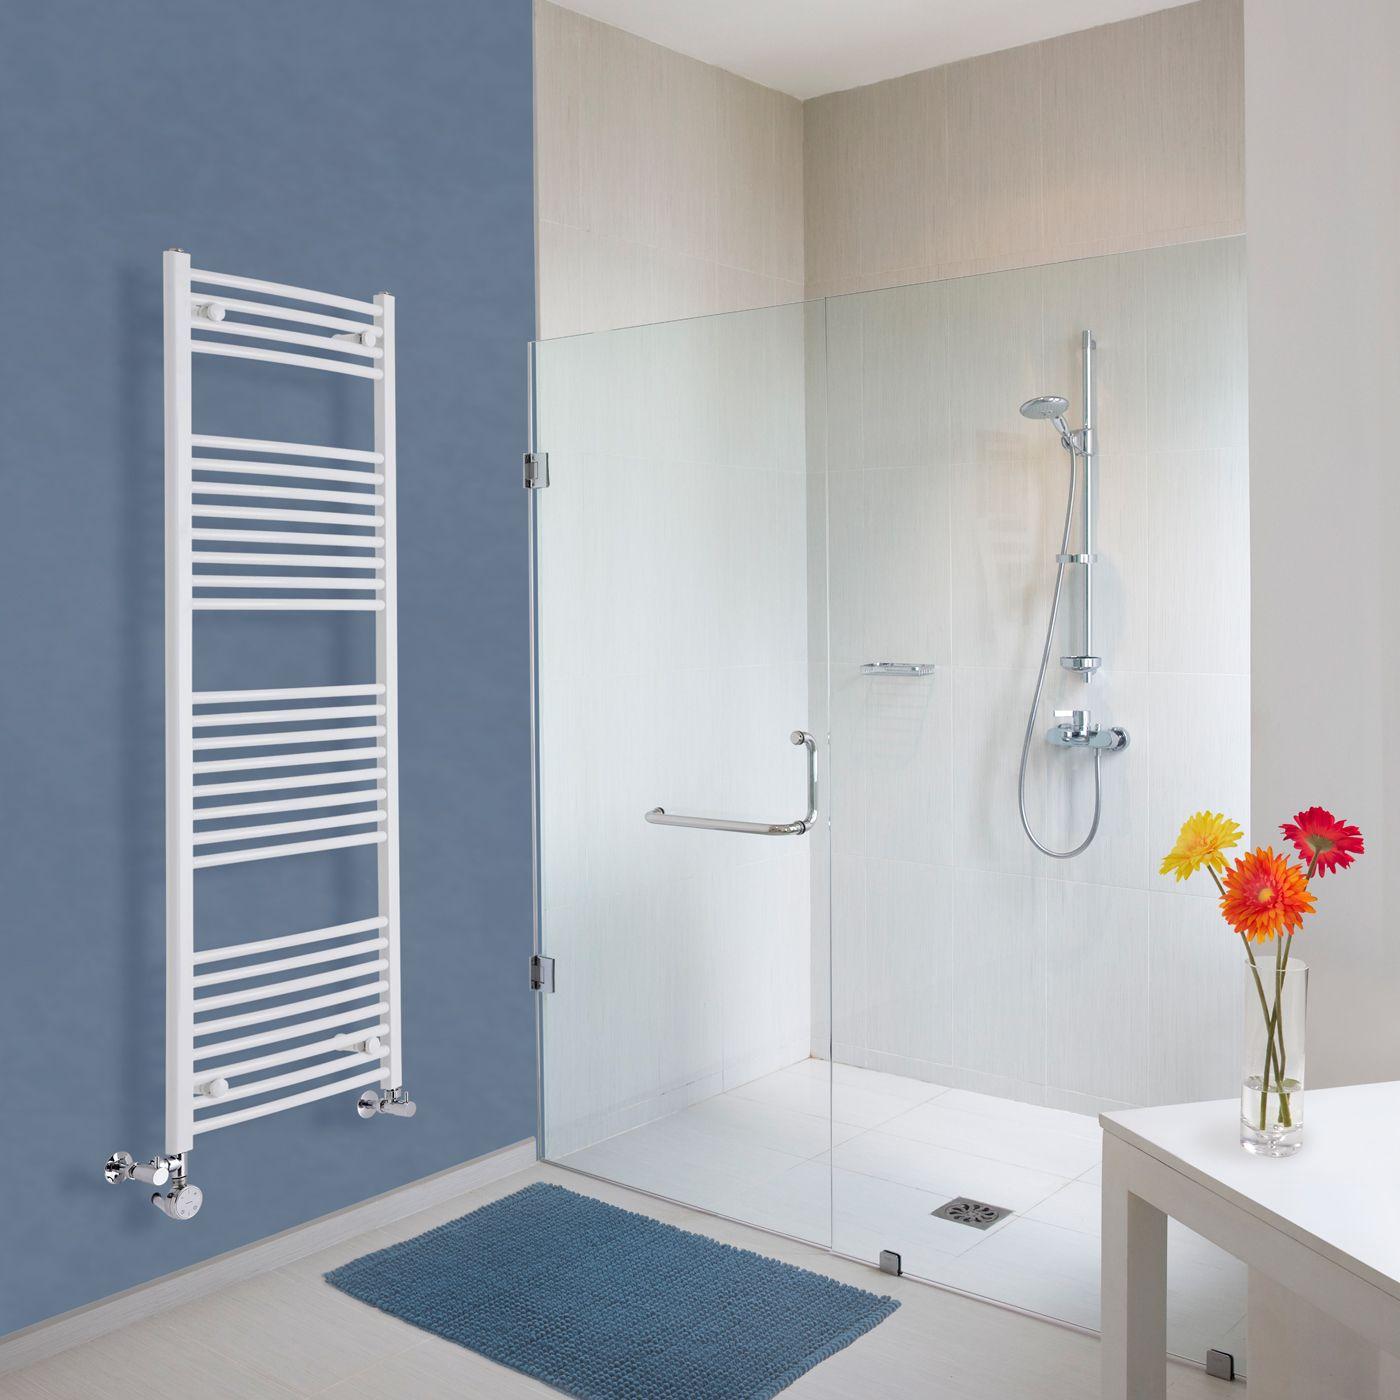 handtuchheizk rper mischbetrieb gebogen wei 1500mm x 500mm 828w etna. Black Bedroom Furniture Sets. Home Design Ideas